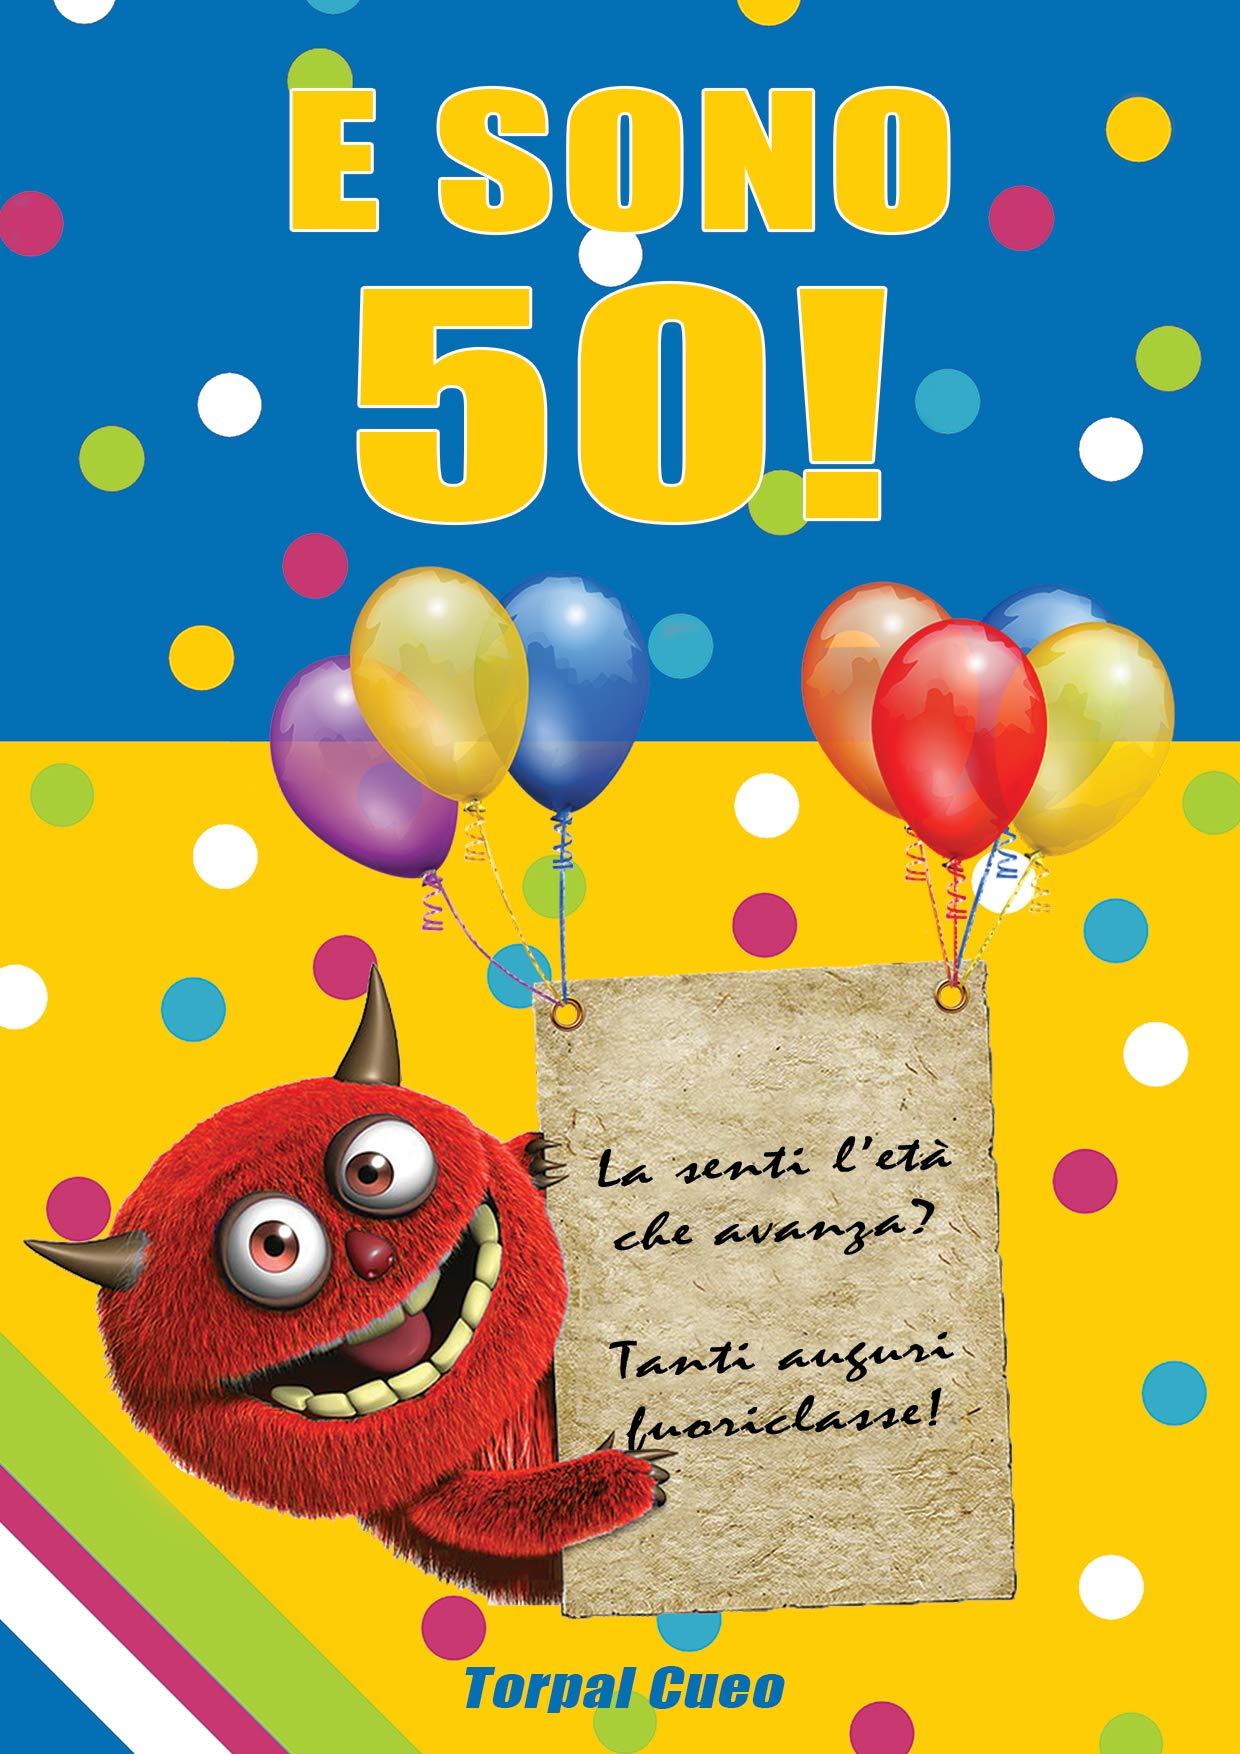 E Sono 50 Un Libro Come Biglietto Di Auguri Per Il Compleanno Puoi Scrivere Dediche Frasi E Utilizzarlo Come Agenda Idea Regalo Divertente Invece